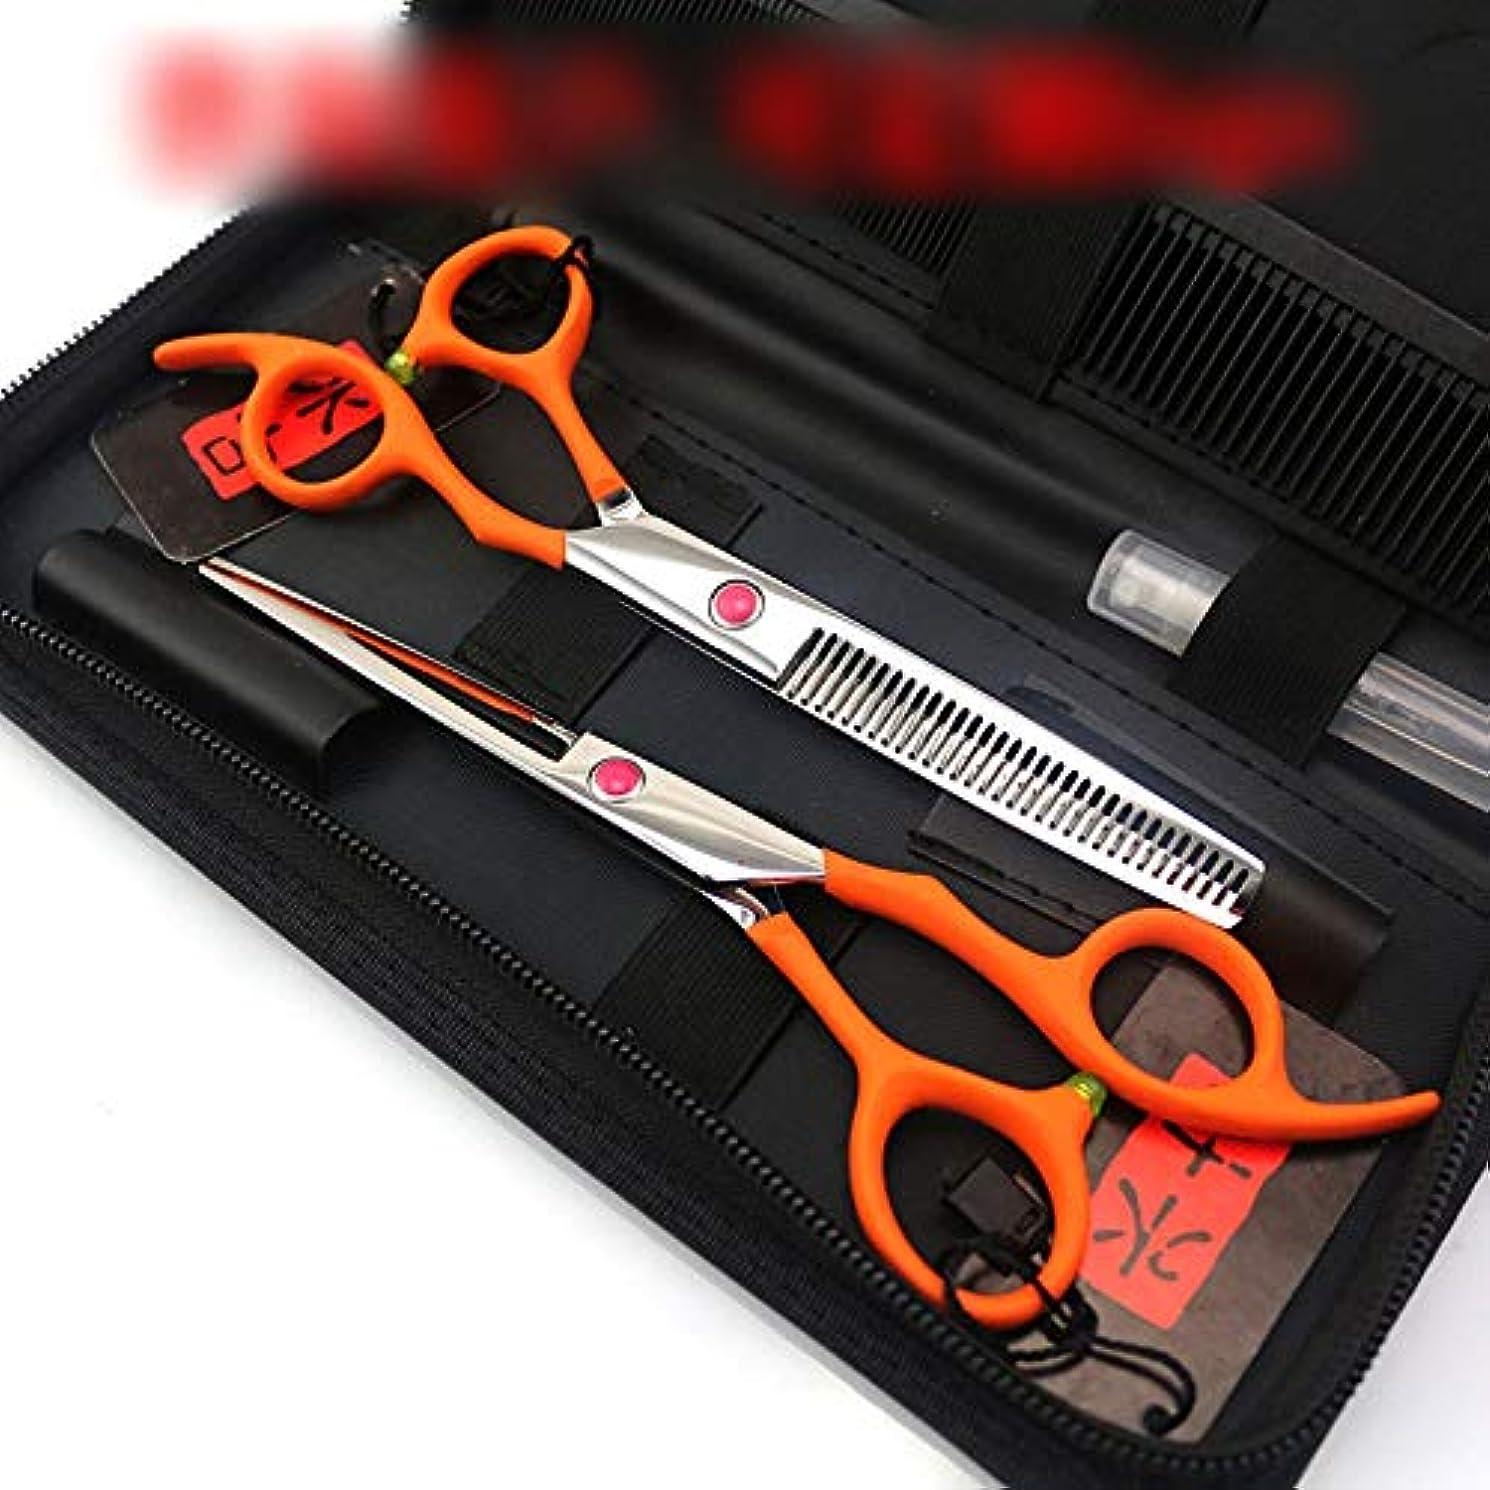 スキームぬるいしたがって6.0インチのオレンジ専門理髪はさみセット、ハイエンド専門理髪ツールセット ヘアケア (色 : オレンジ)